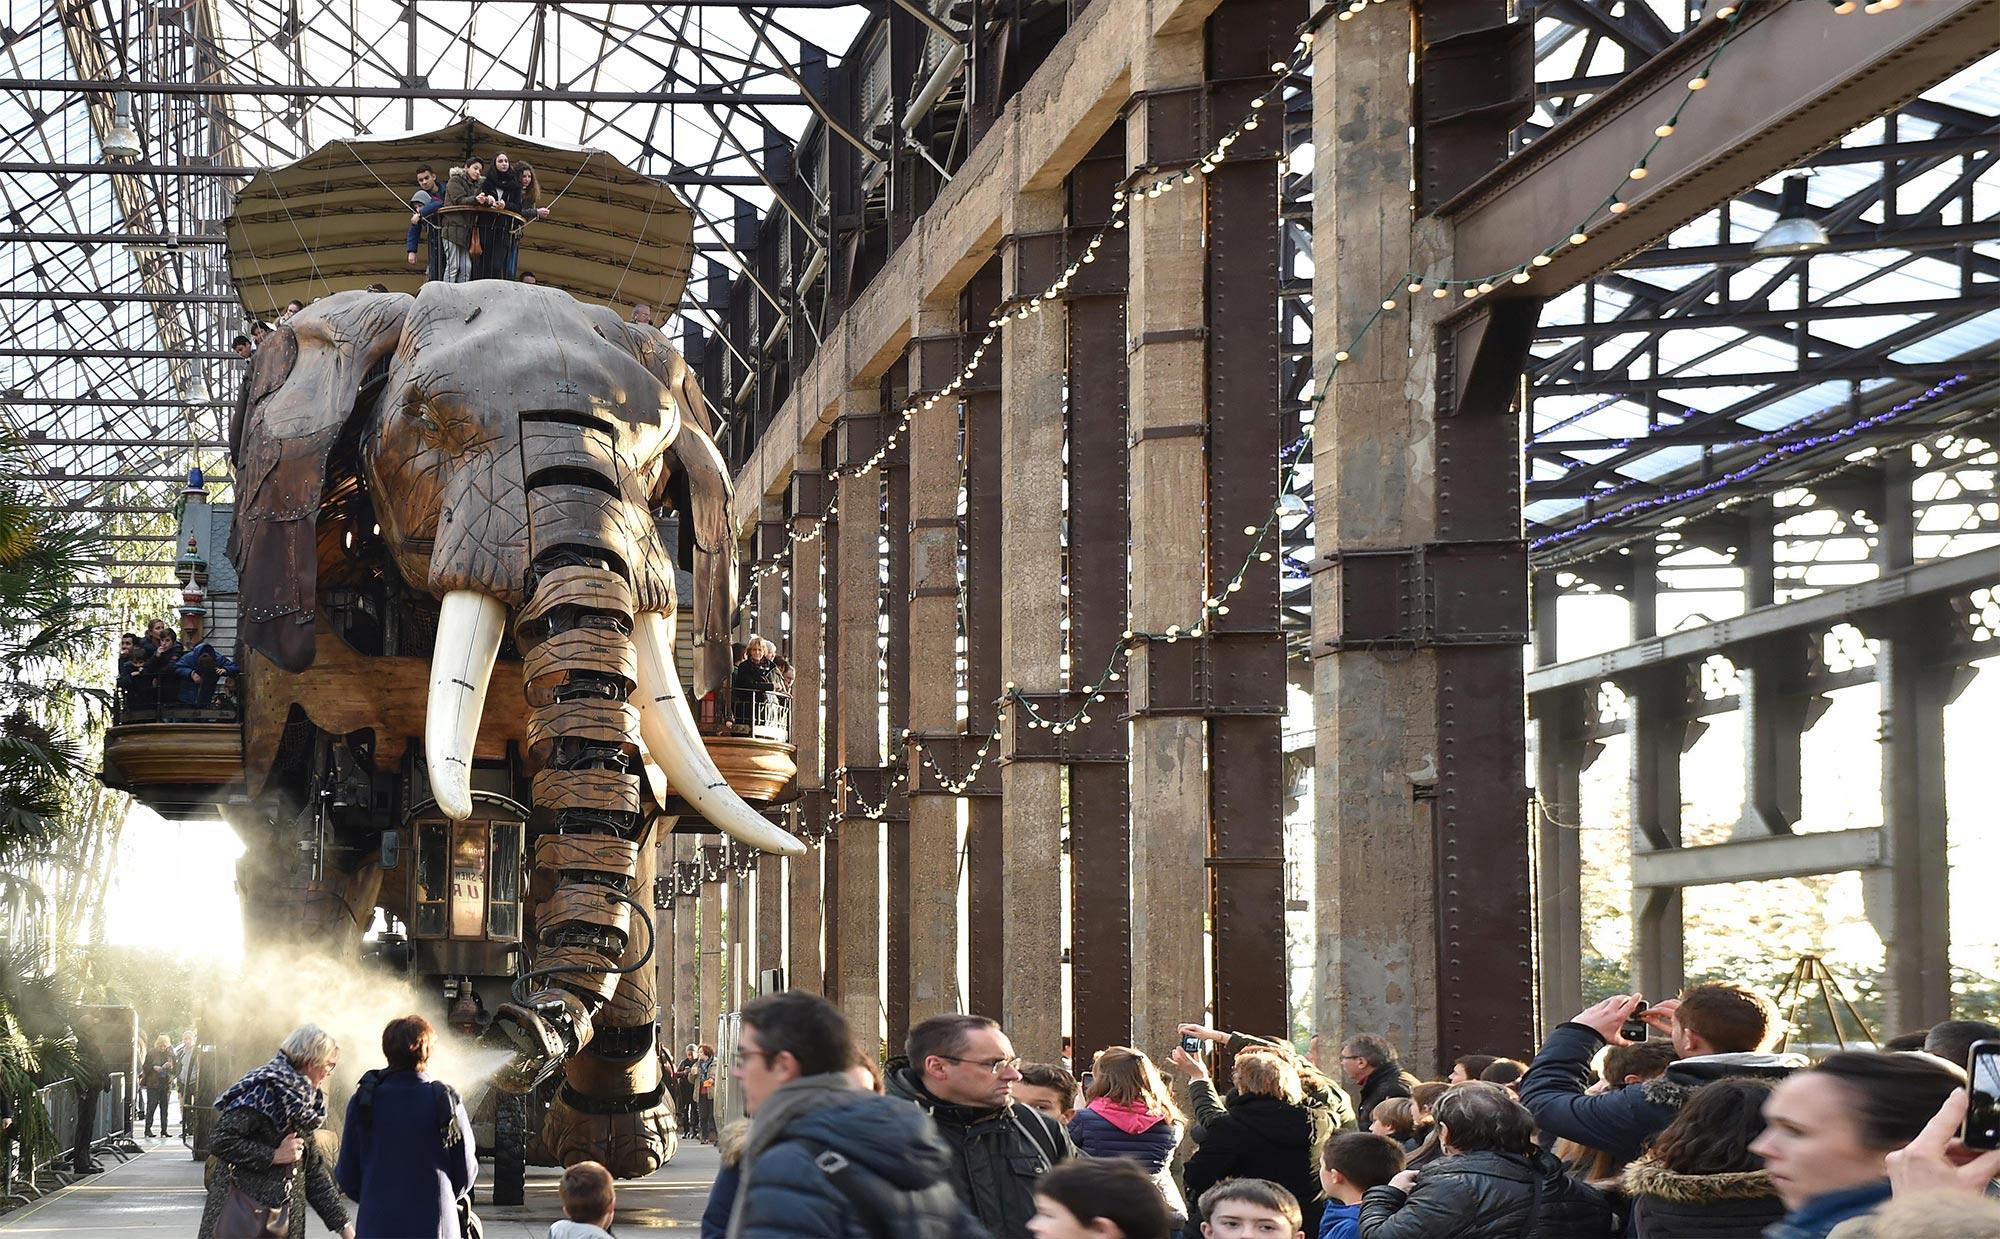 Eléphant des machines de l'ile